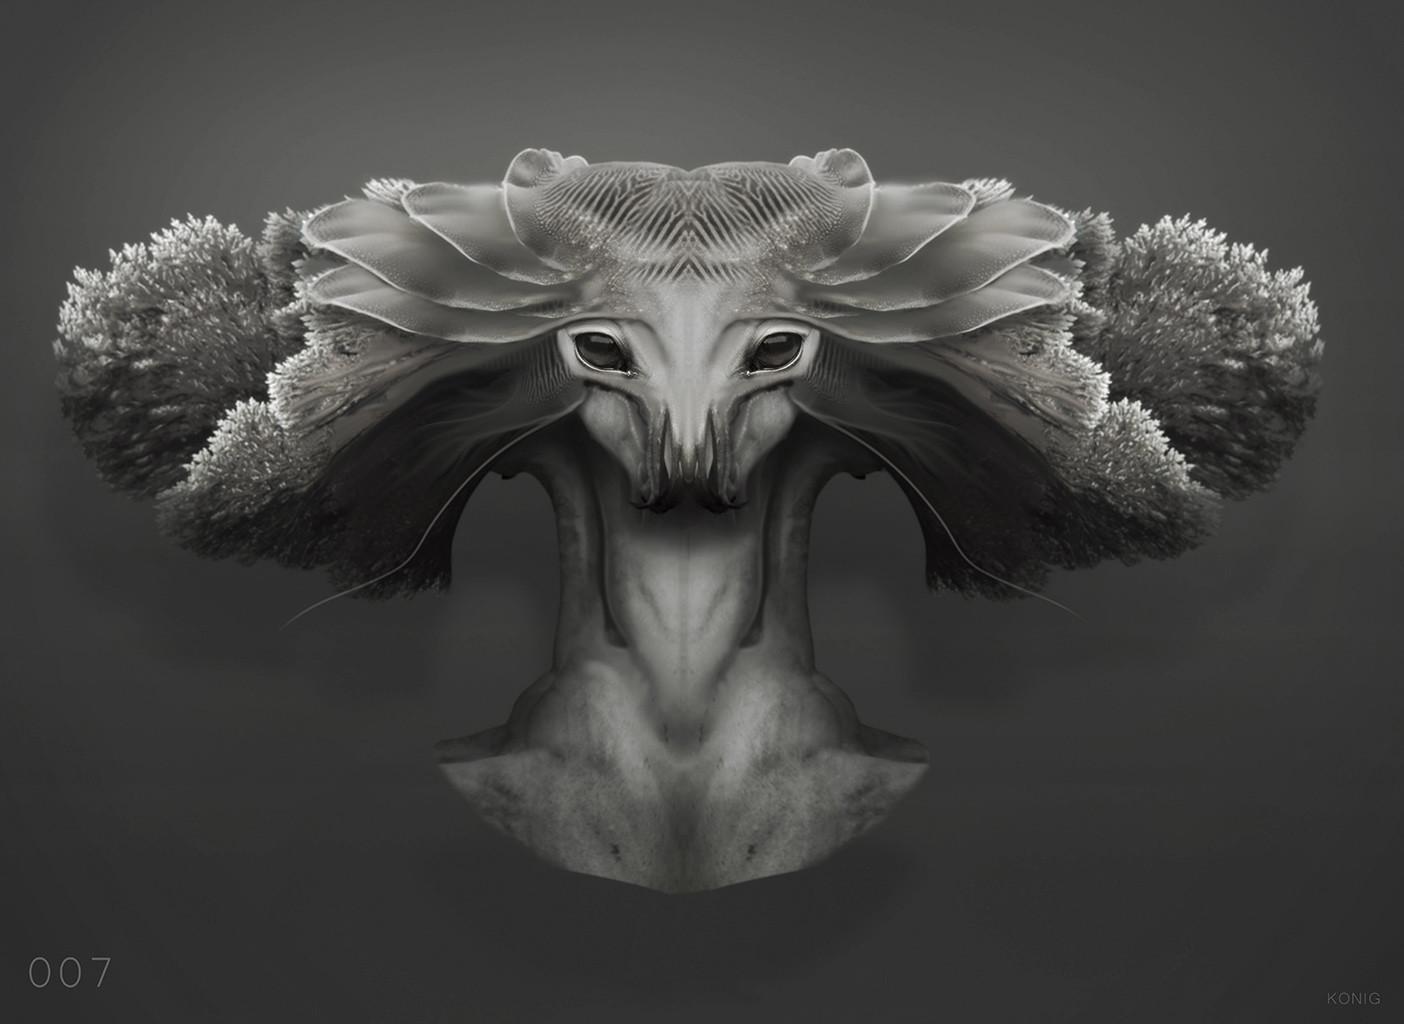 arrival concept art reveals much creepier aliens